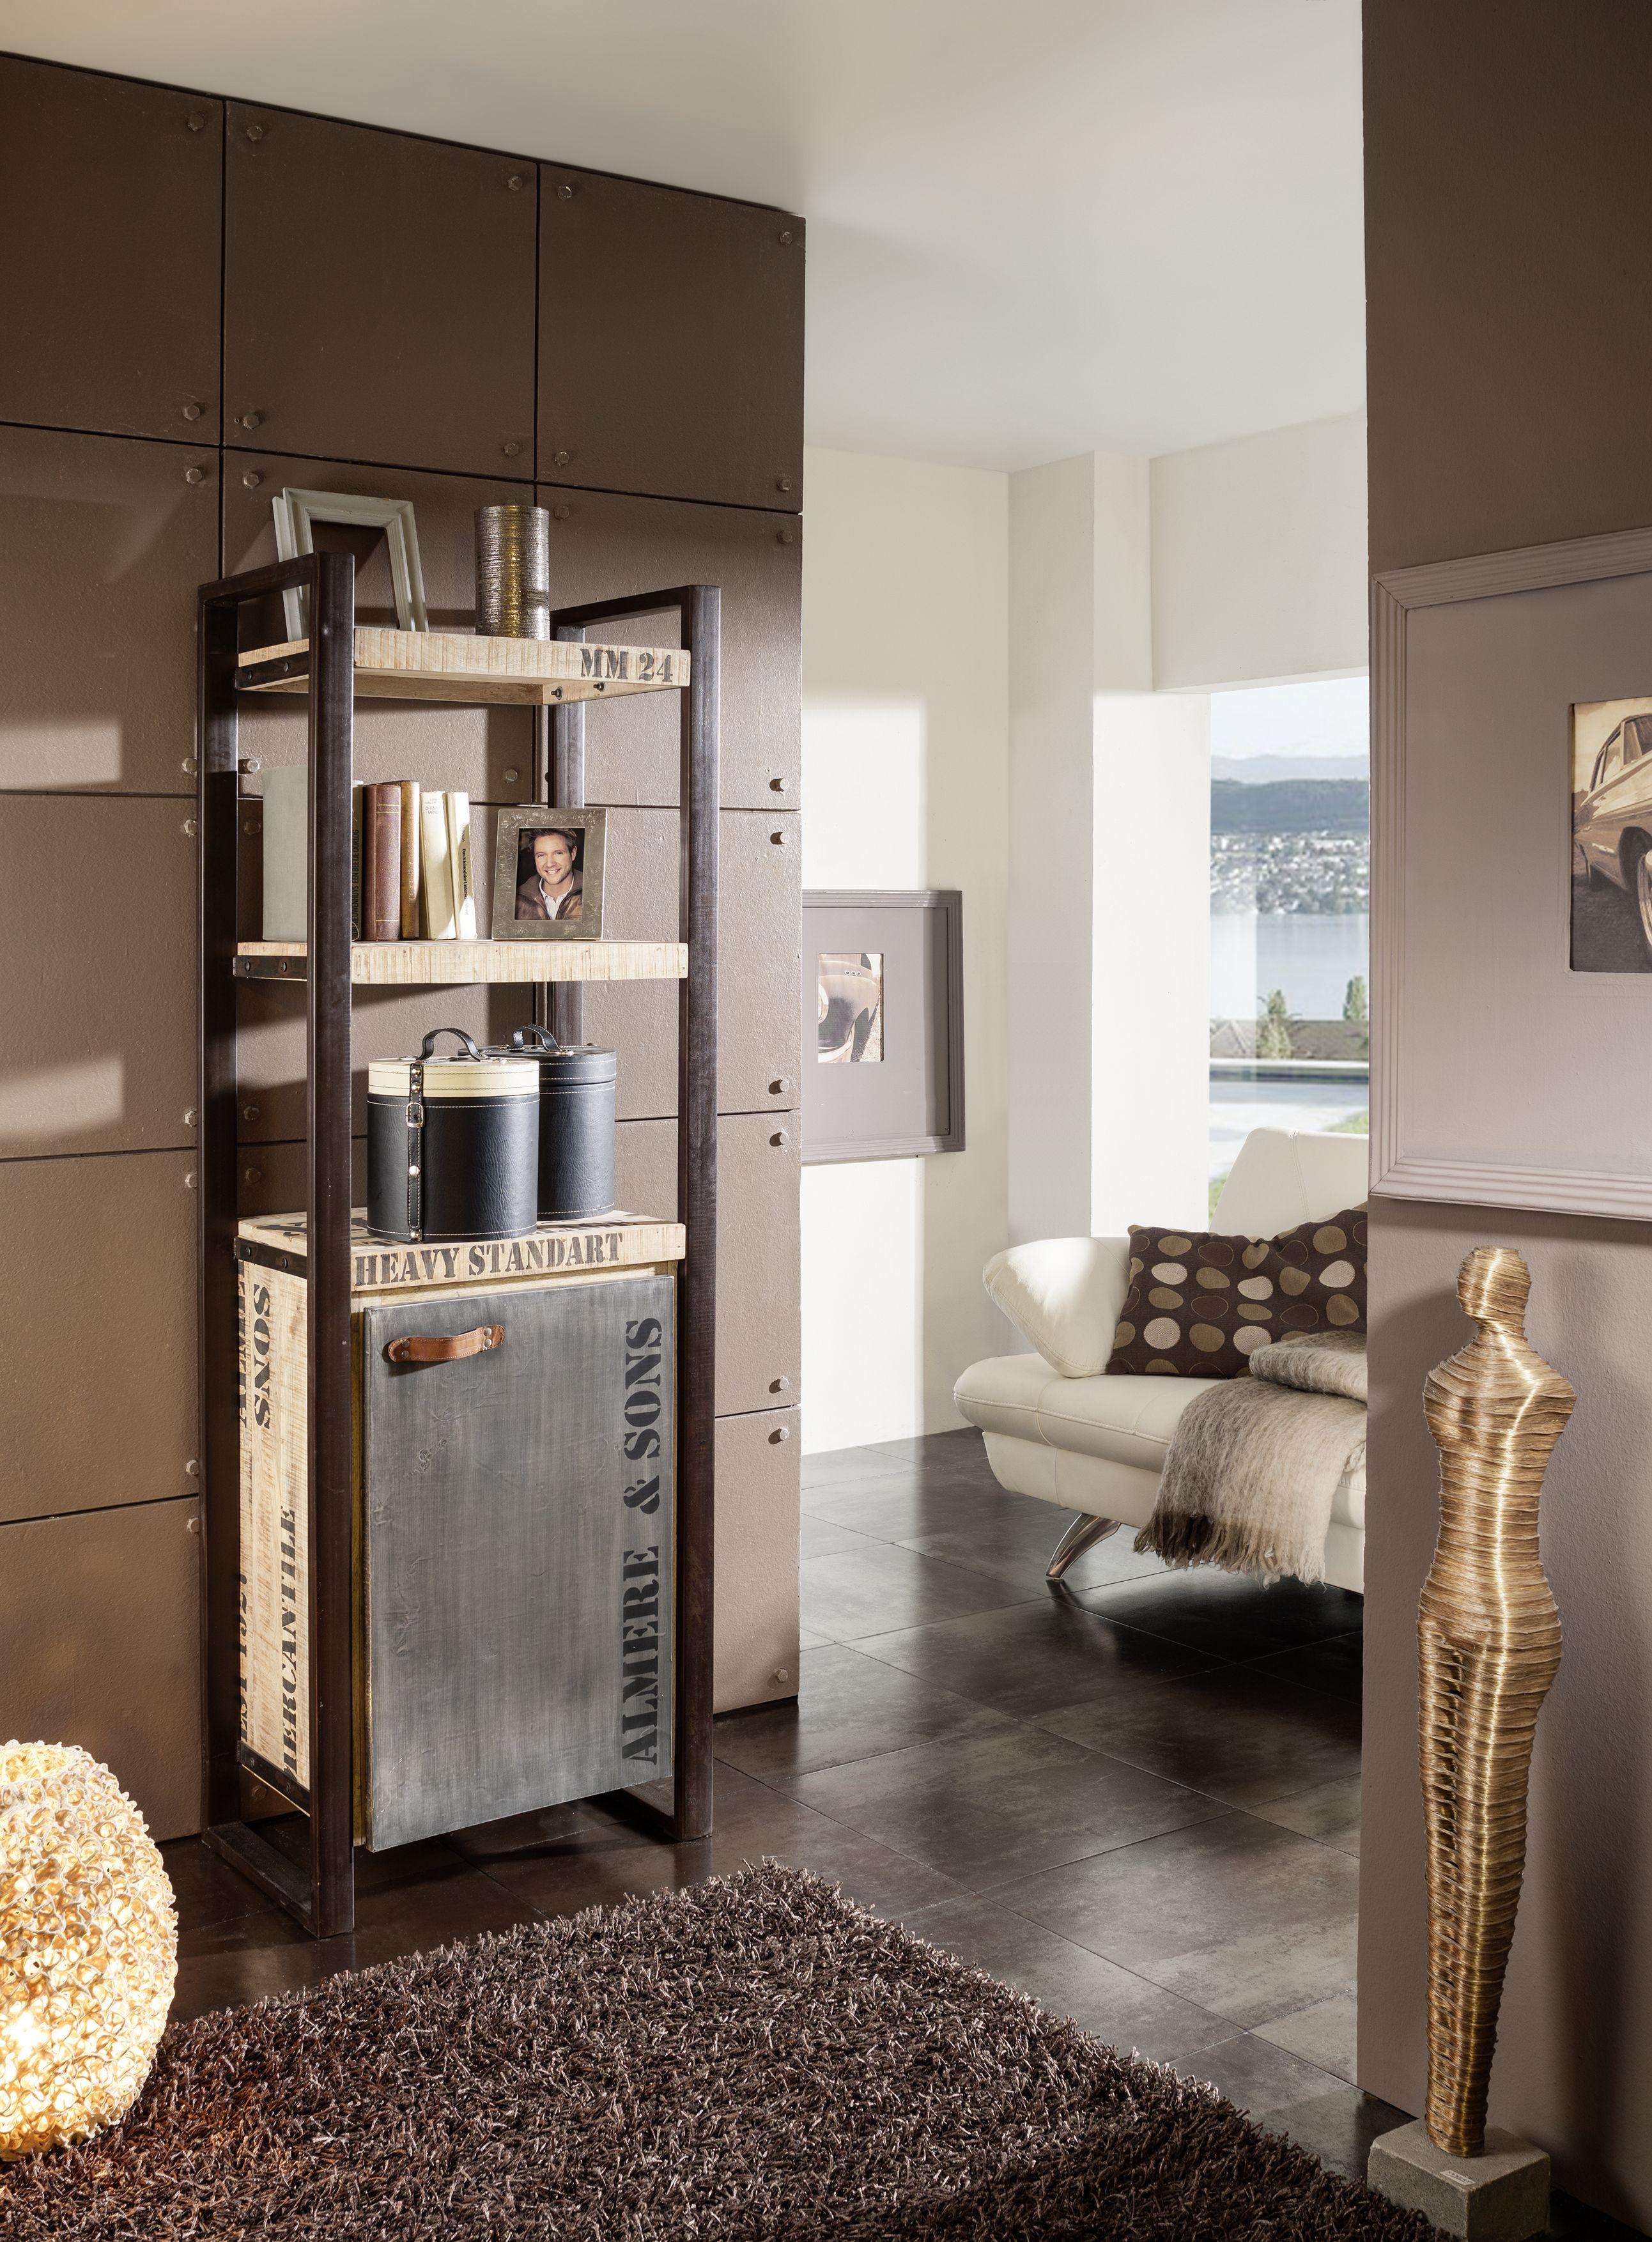 Bezaubernd Industrial Look Möbel Das Beste Von Cooles Design Aus Mangoholz Und Eisen: Die